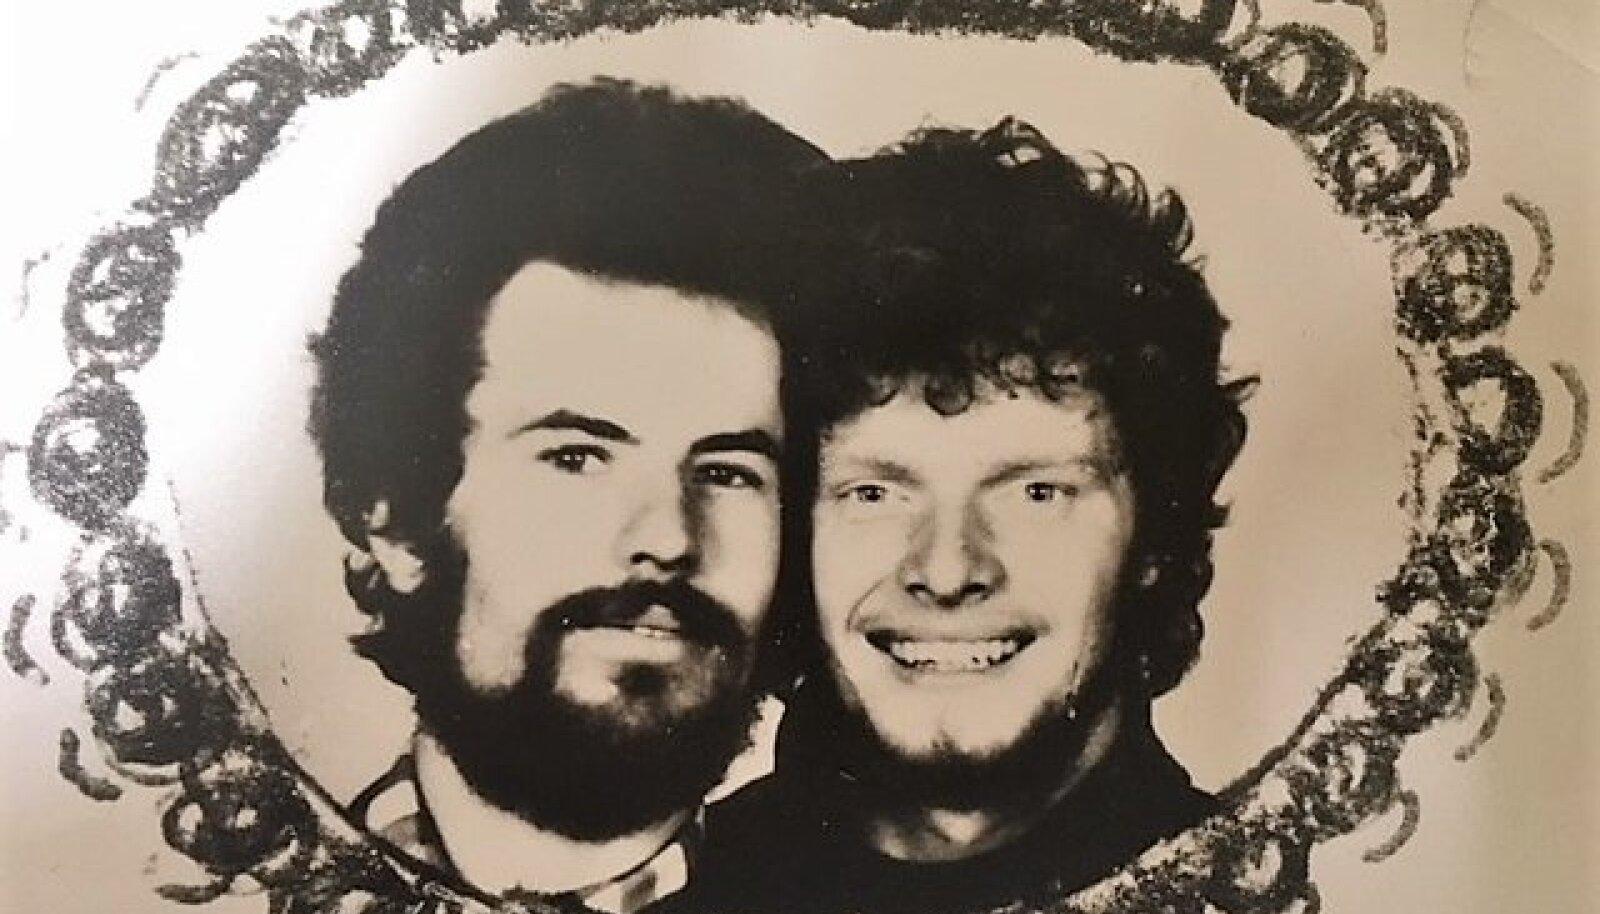 ÕPPISID HOOLEGA MARKSISMI, AGA PARTEISSE EI ASTUNUD: kursusevennad ülikooli ajakirjandusosakonnast Rein Sikk ja Hans H. Luik 1982. aastal.